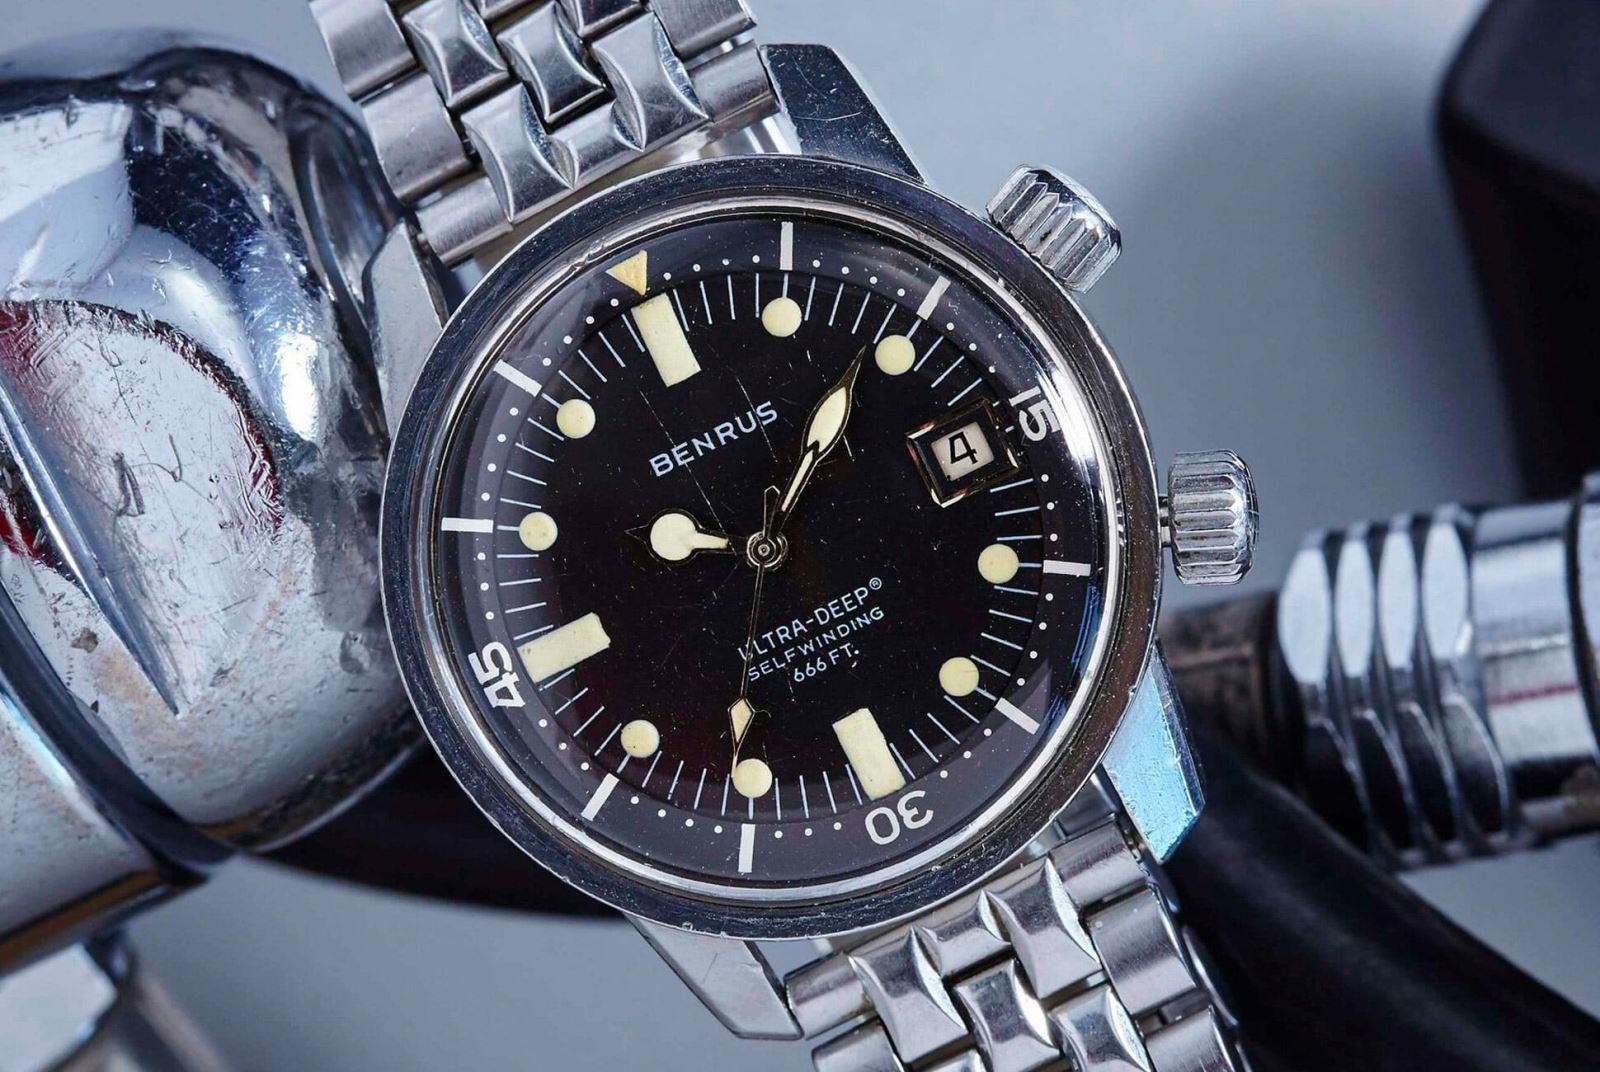 Một mẫu đồng hồ lặn Benrus cổ điển sử dụng vỏ máy Super Compressor